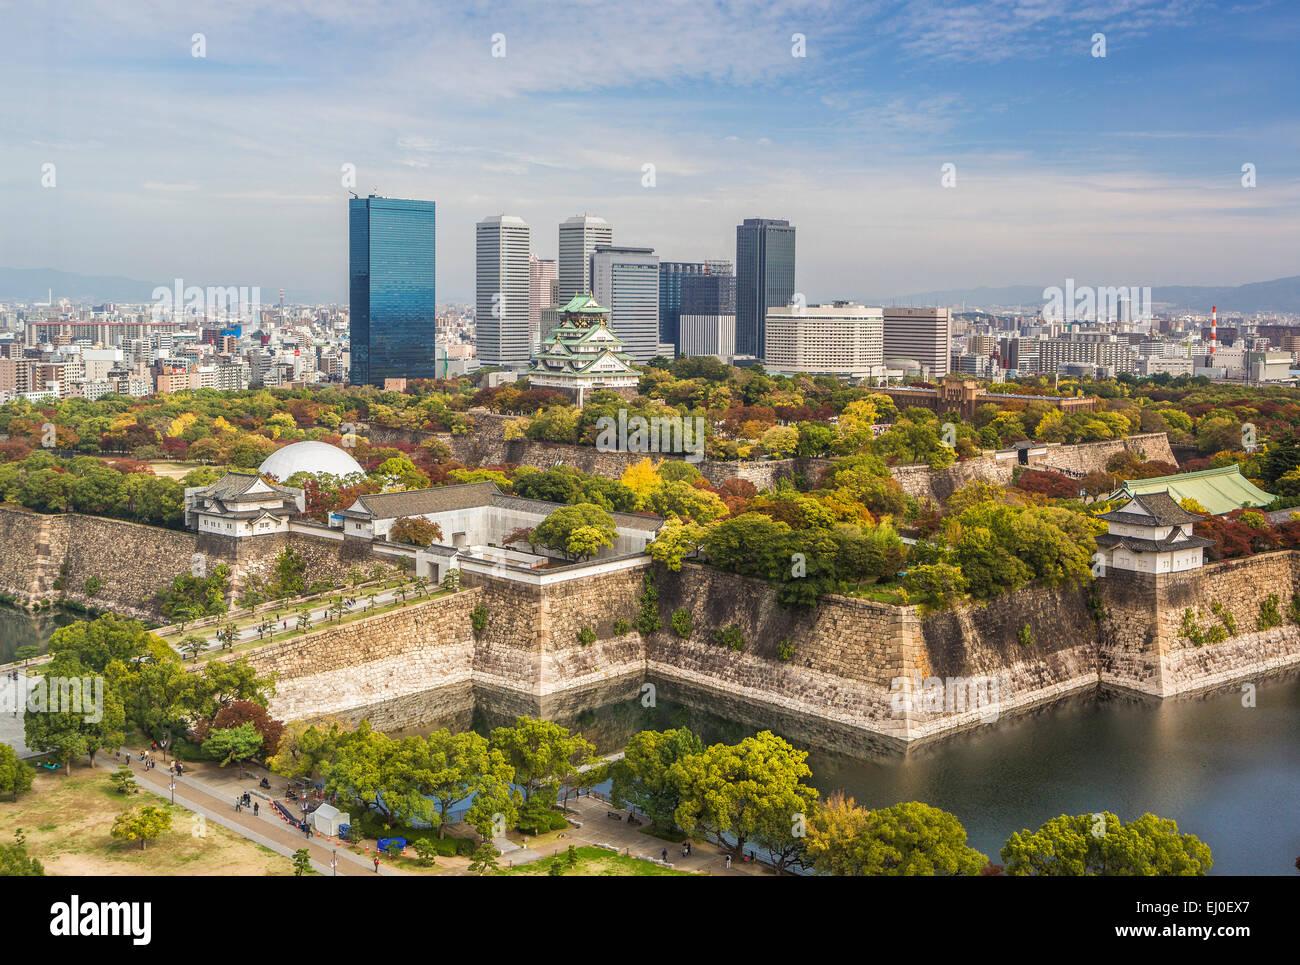 Le Japon, l'Asie, Kansai, Paysage, Osaka, château, architecture, colorée, automne, forteresse, histoire, aucun peuple, Banque D'Images